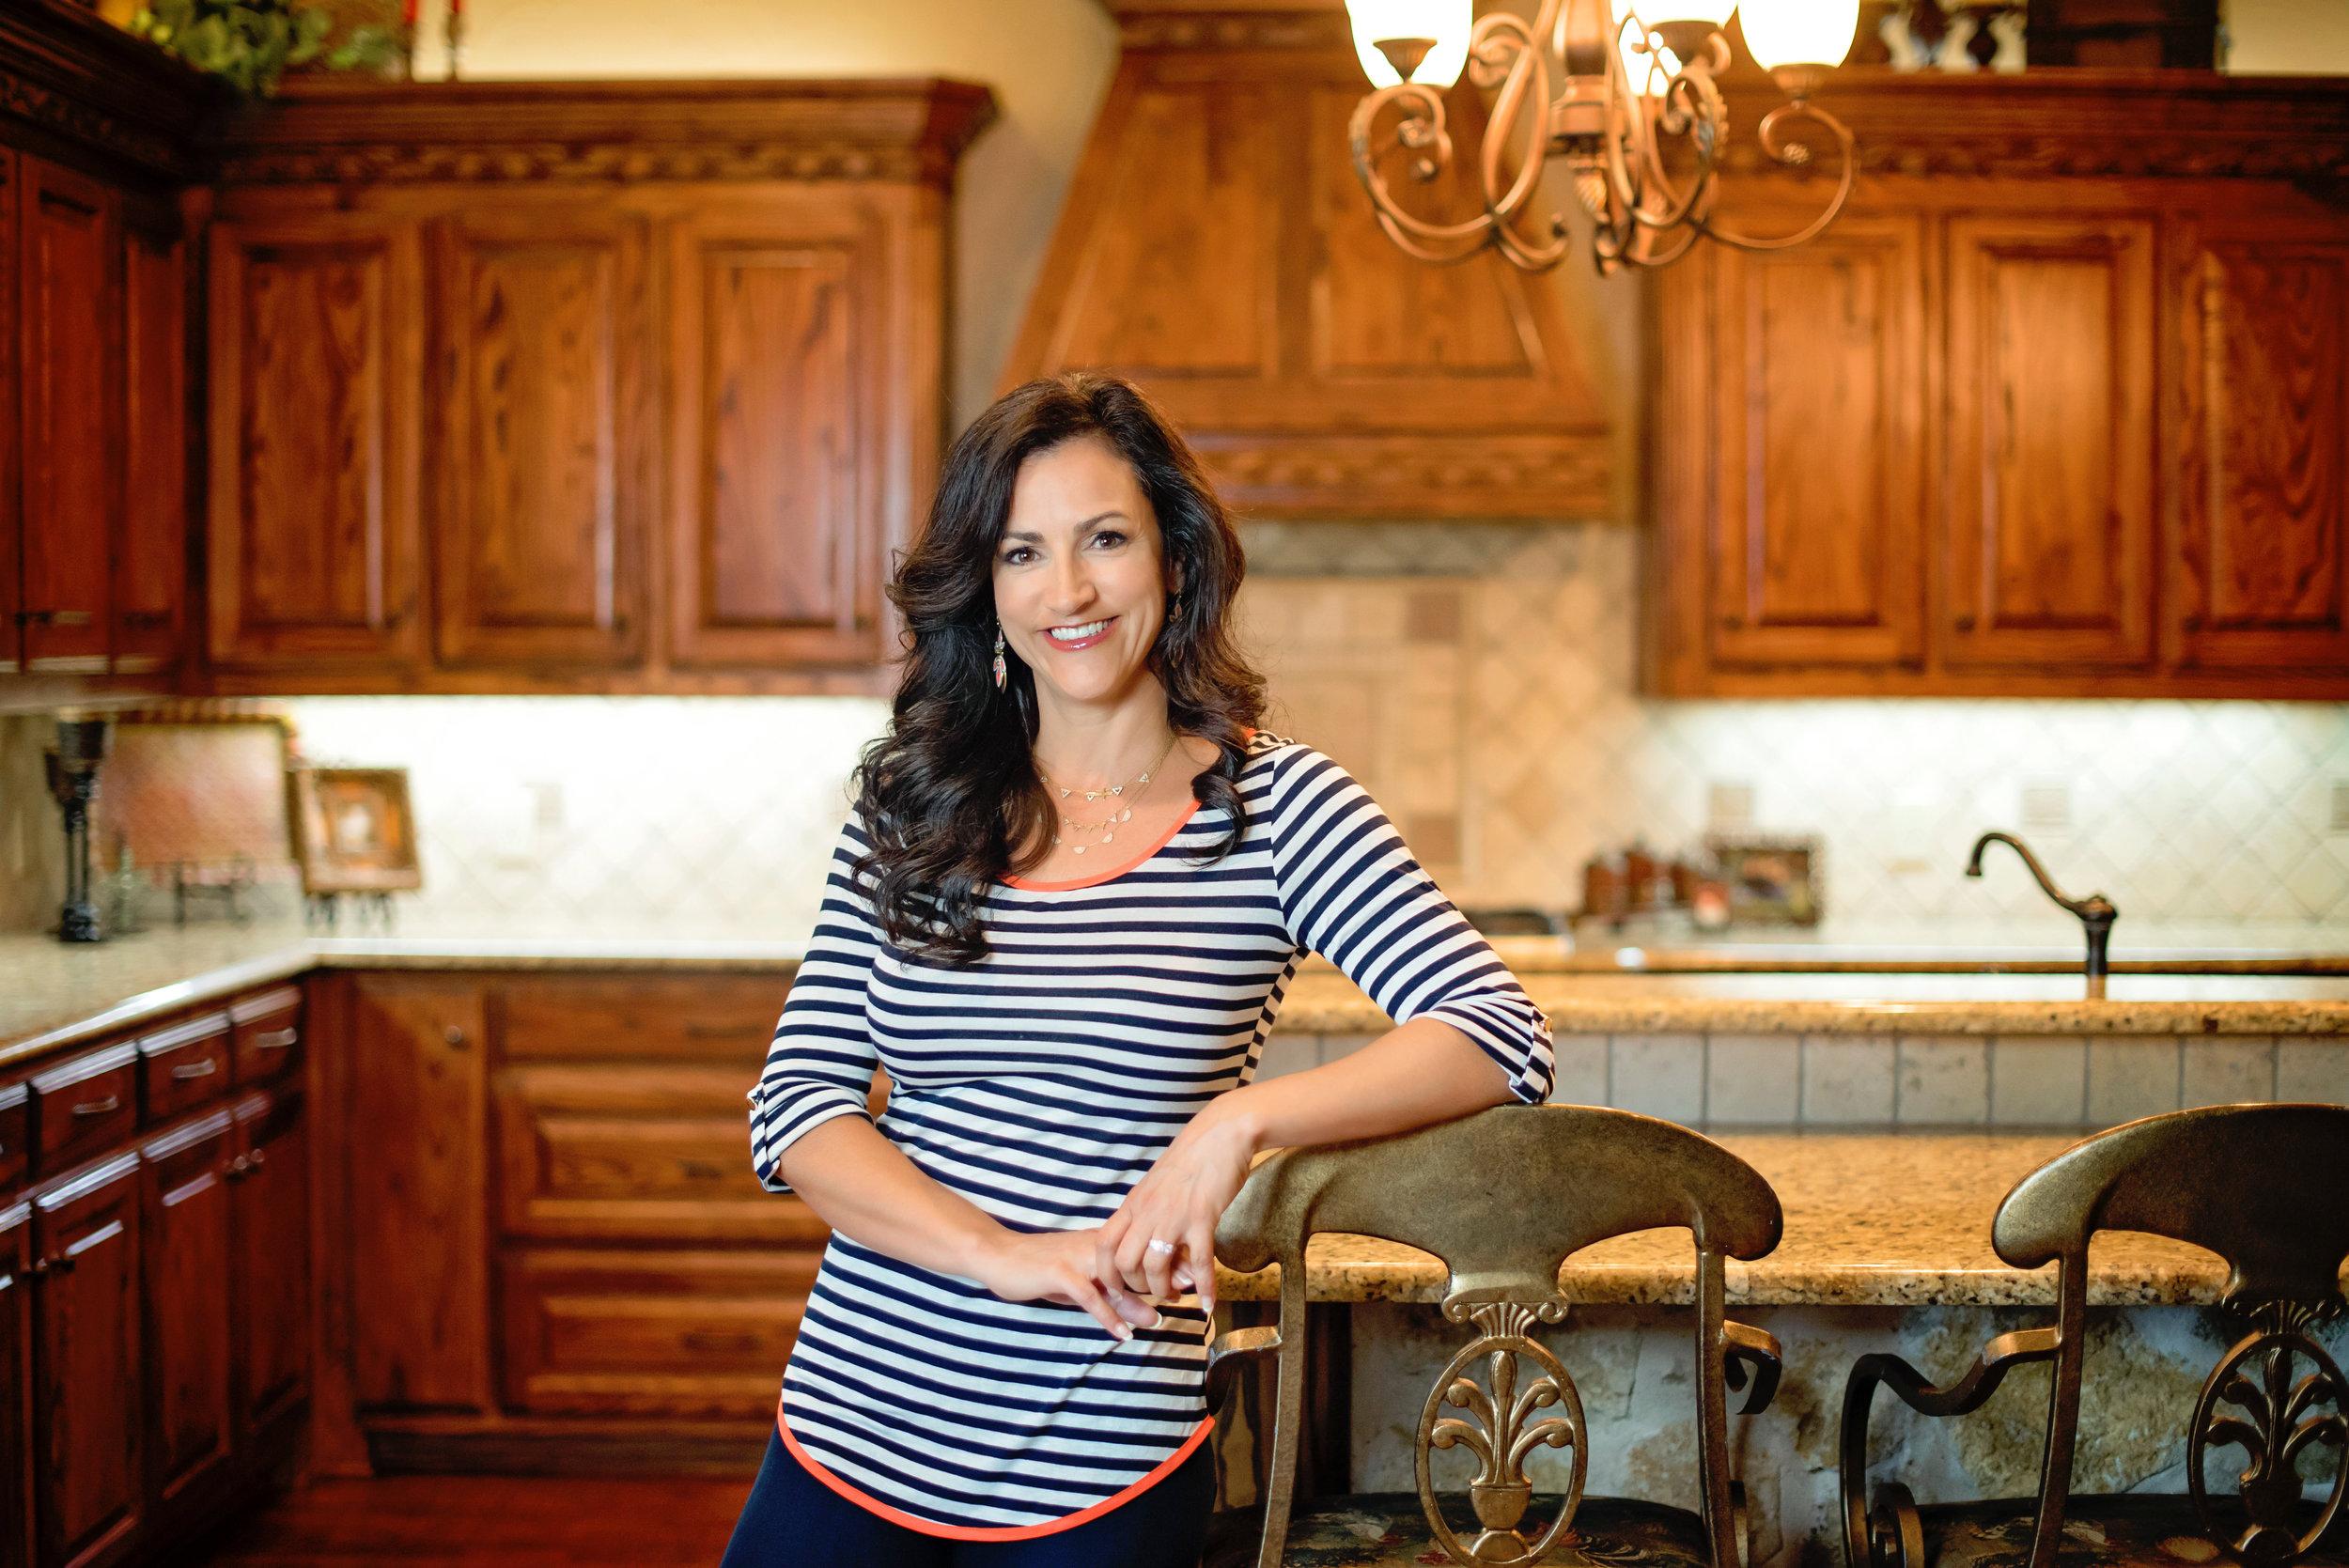 Audrey McGinnis  Baker, Chef, & Founder of Go-Go Dough